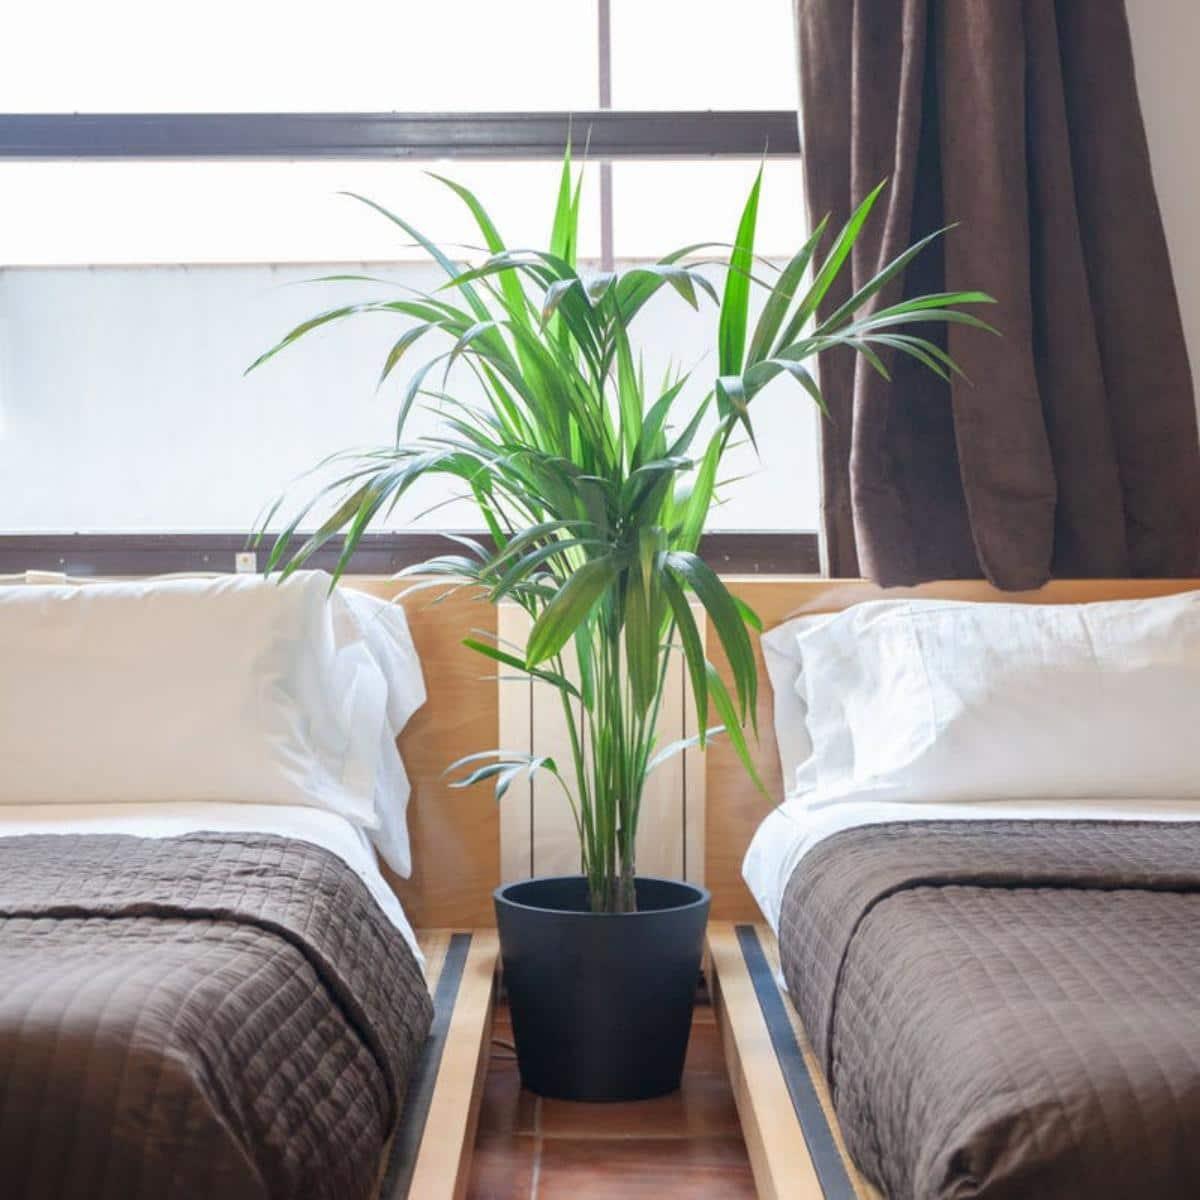 La kentia es una palmera que vive bien en interior